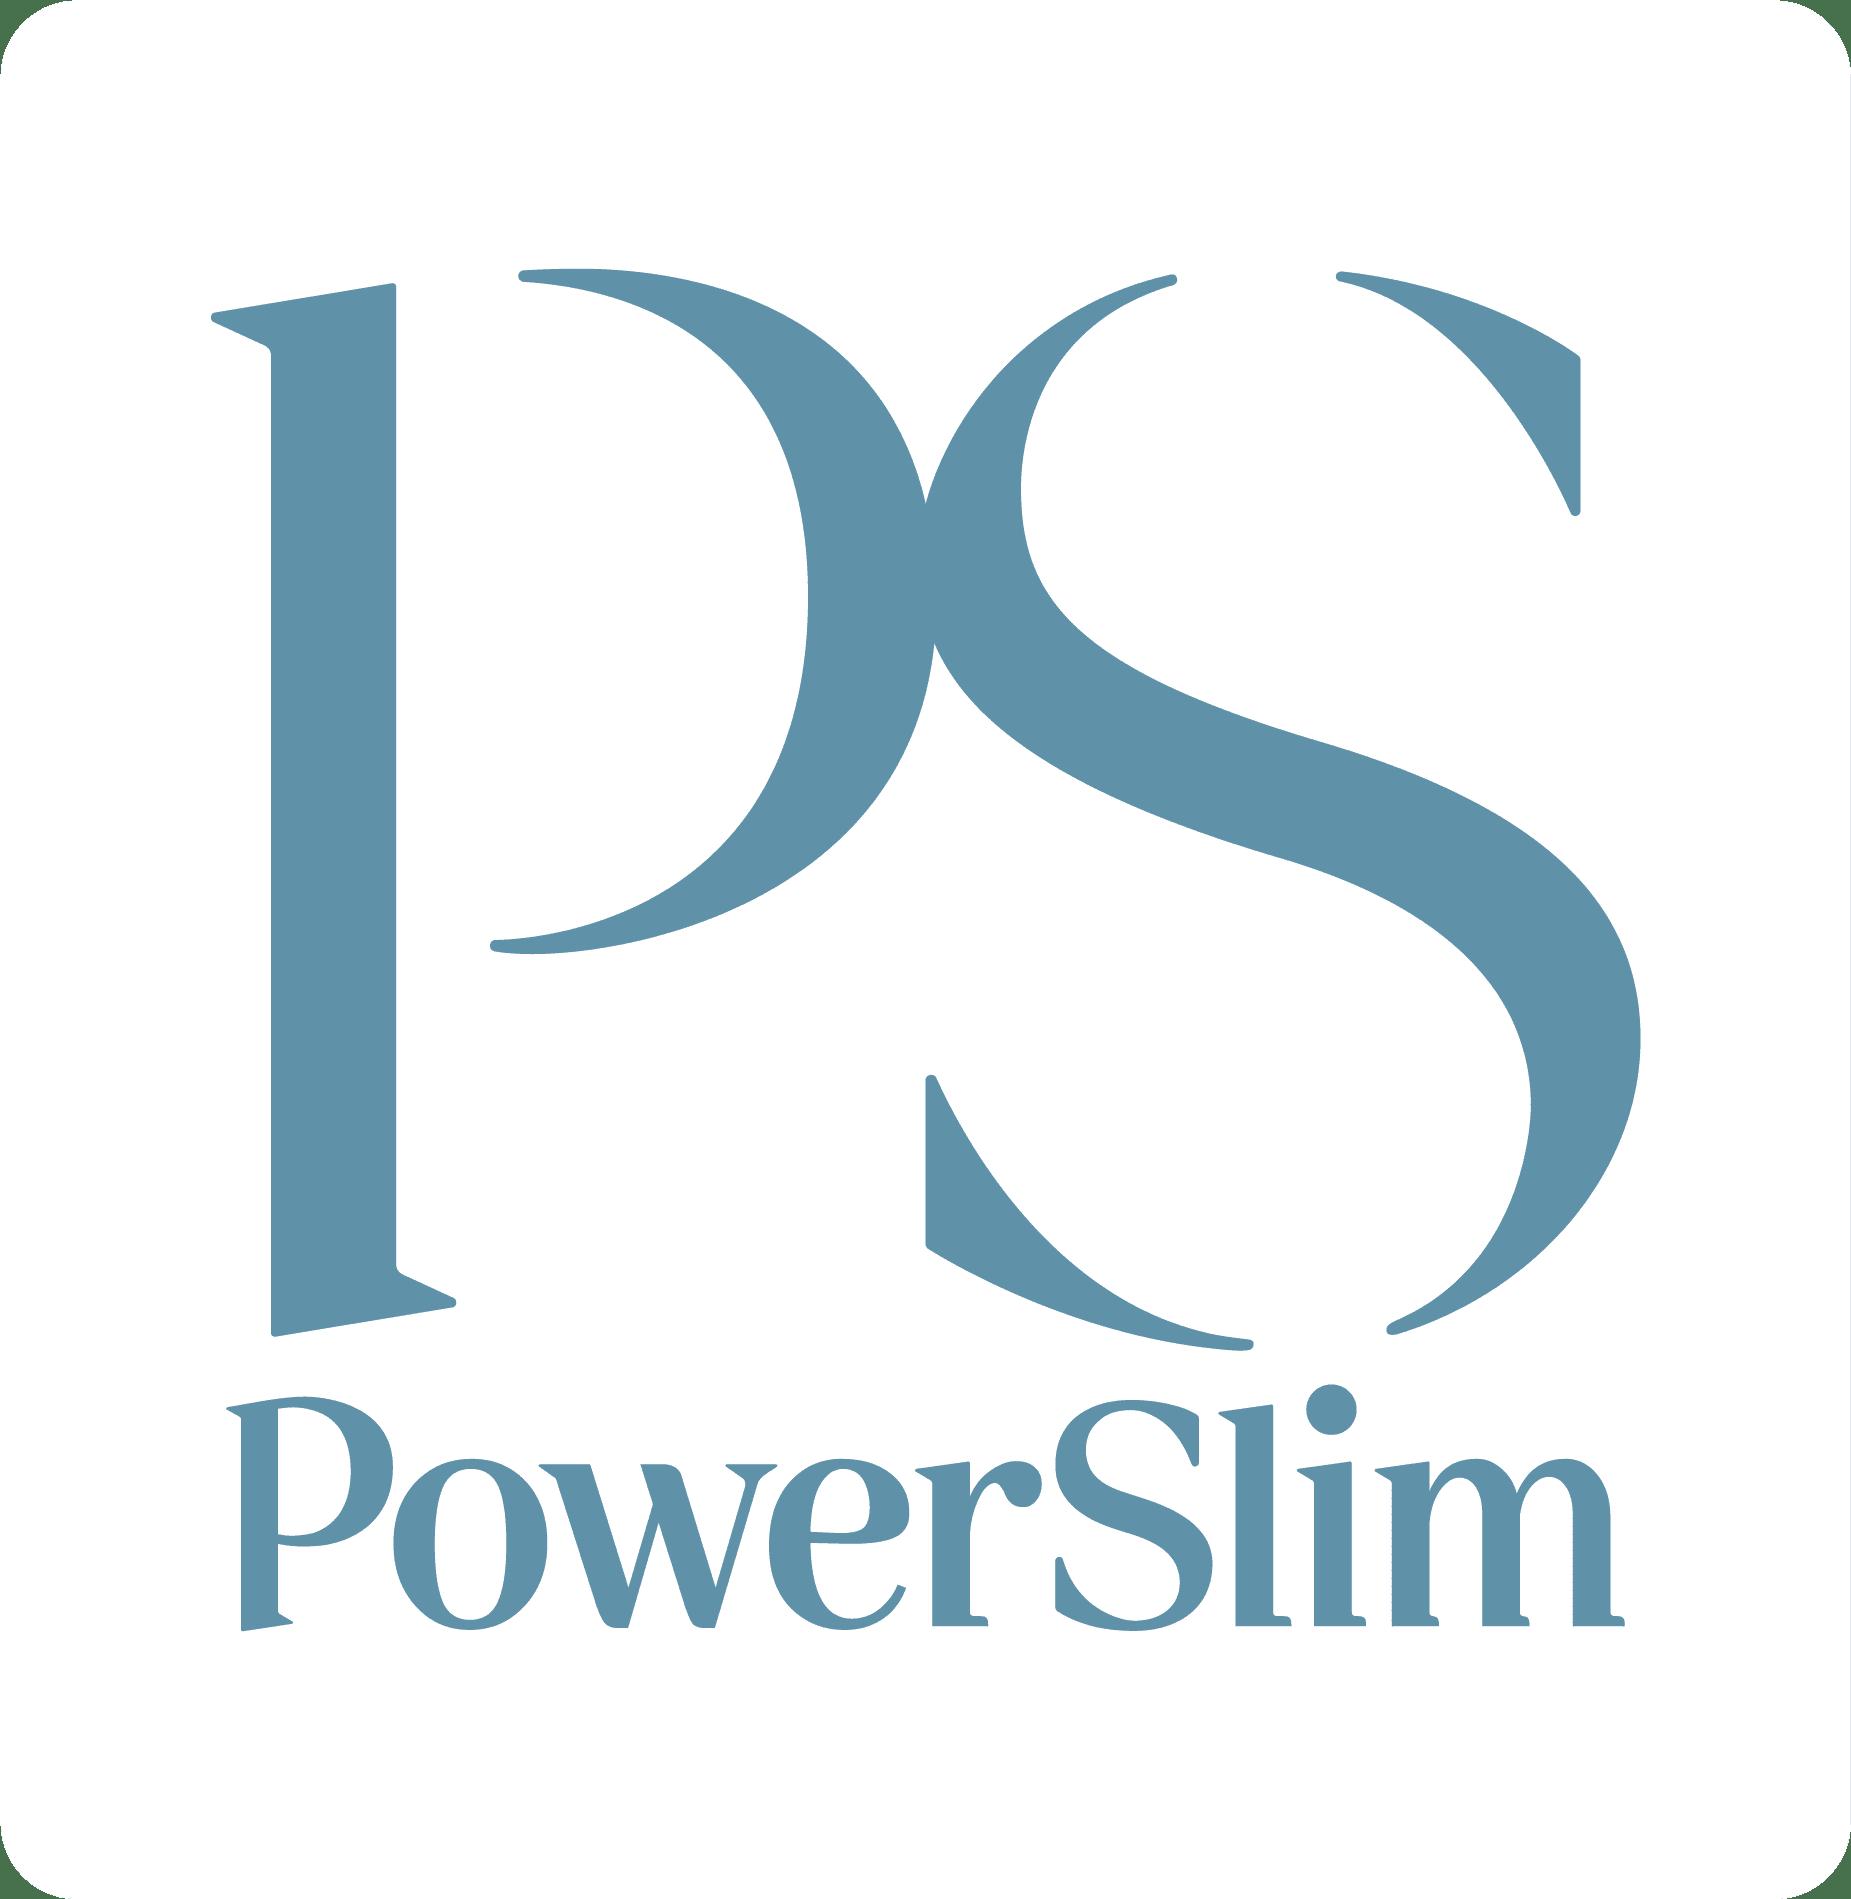 Powerslim logo